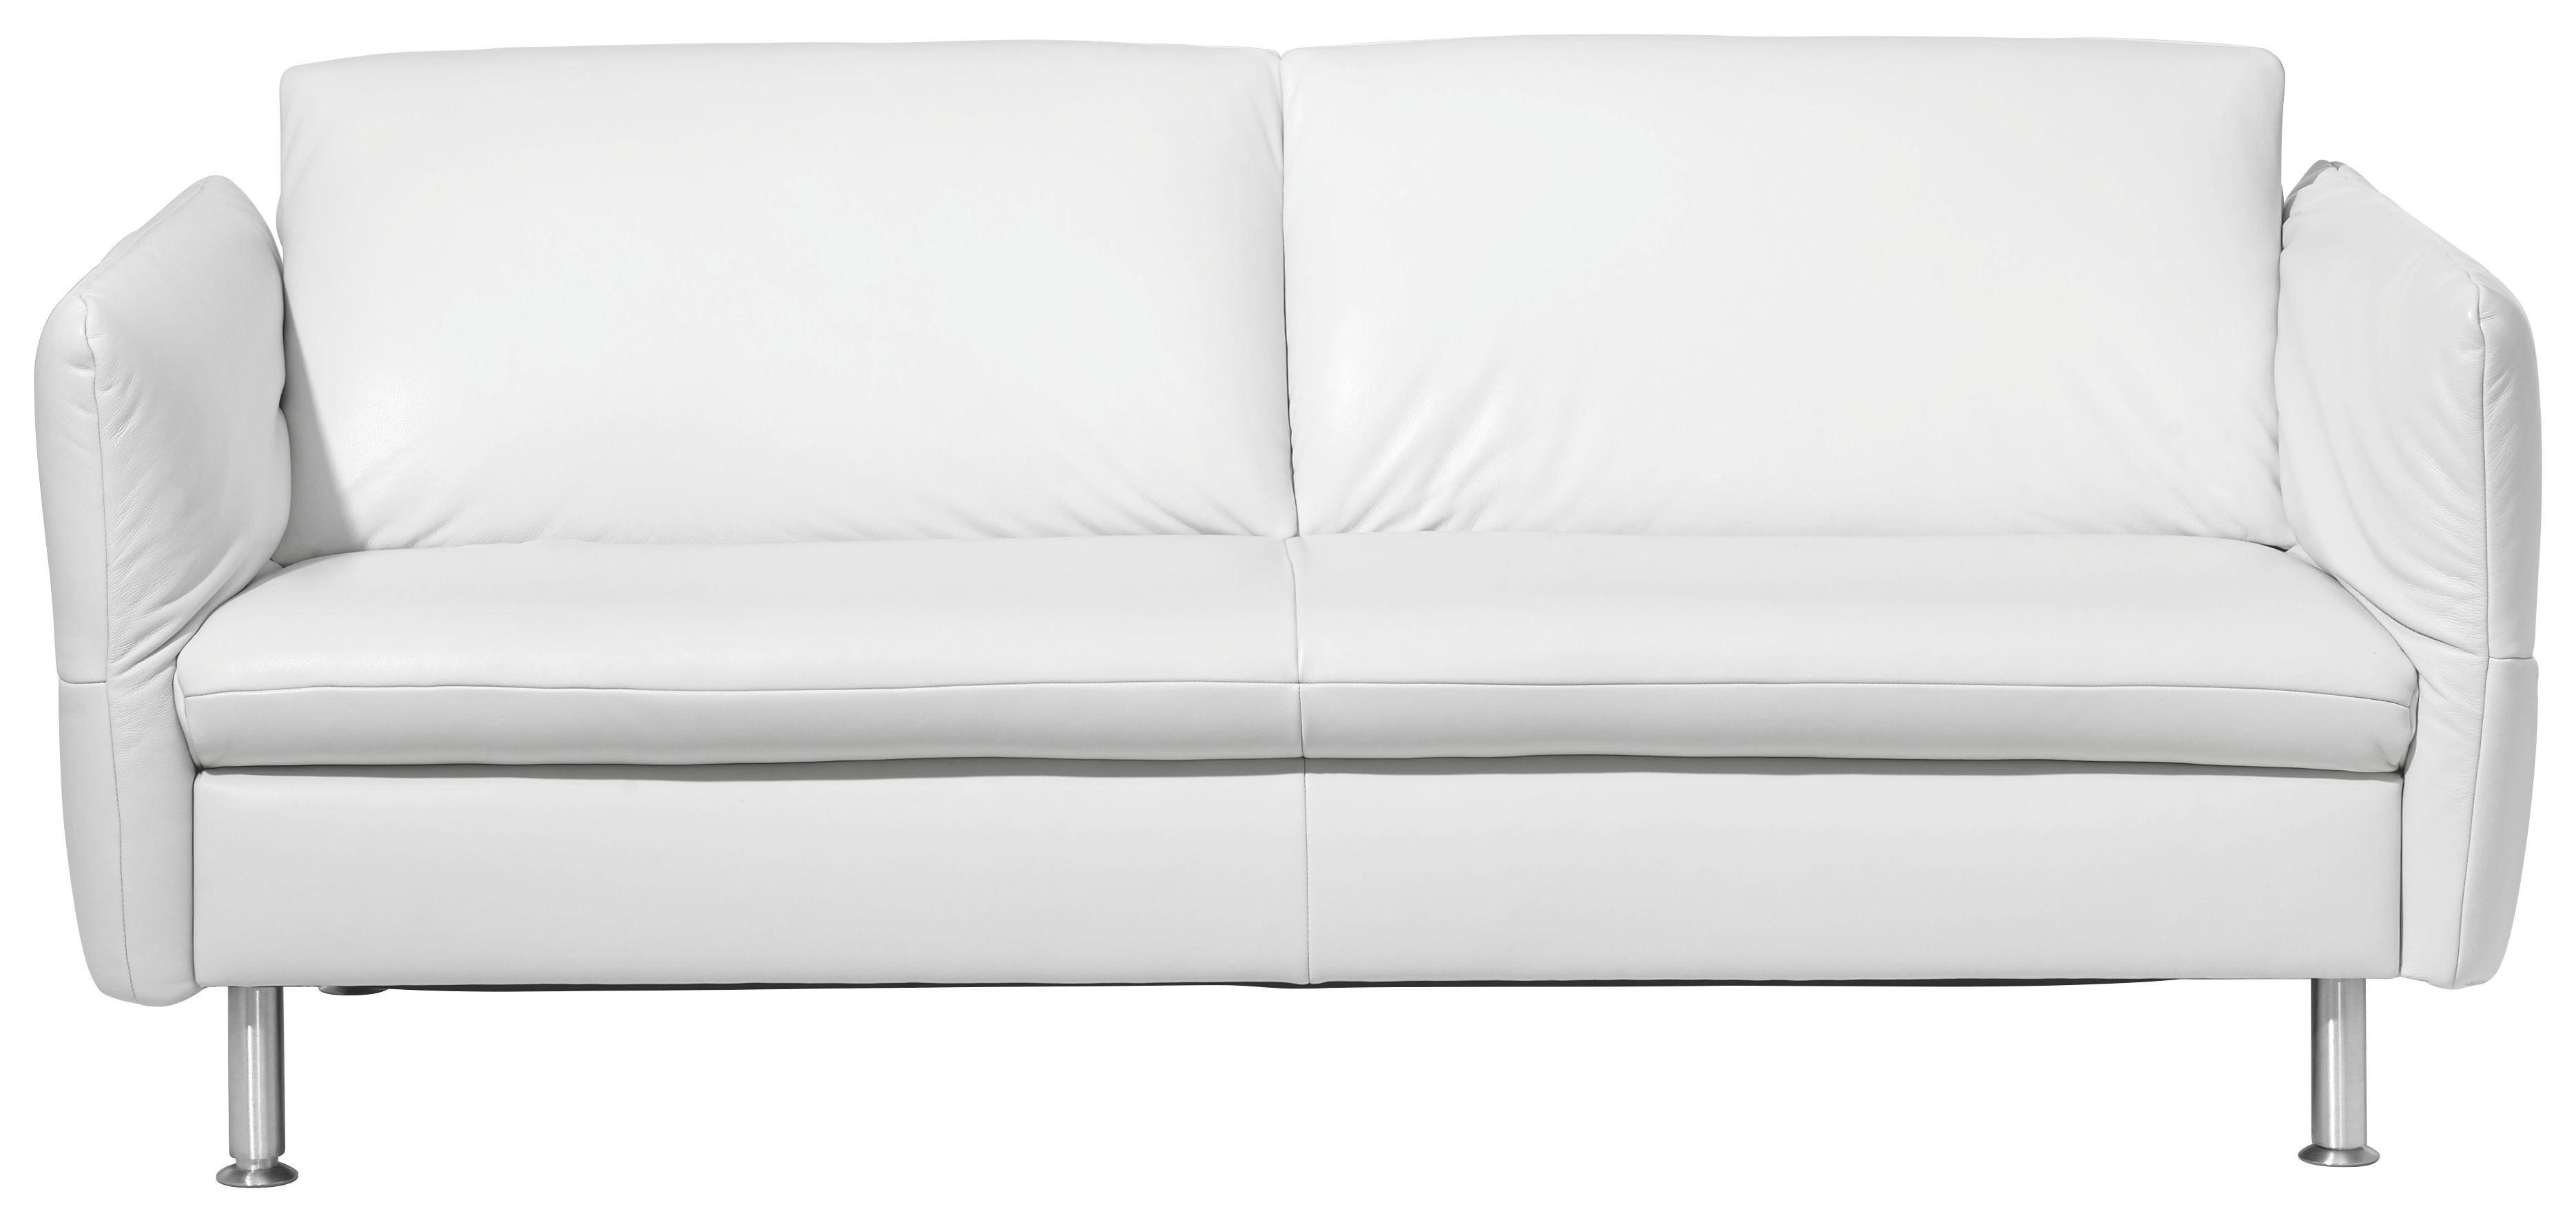 SITZGARNITUR Echtleder Weiß - Alufarben/Weiß, Design, Leder/Metall (182/142/78/96cm) - KOINOR